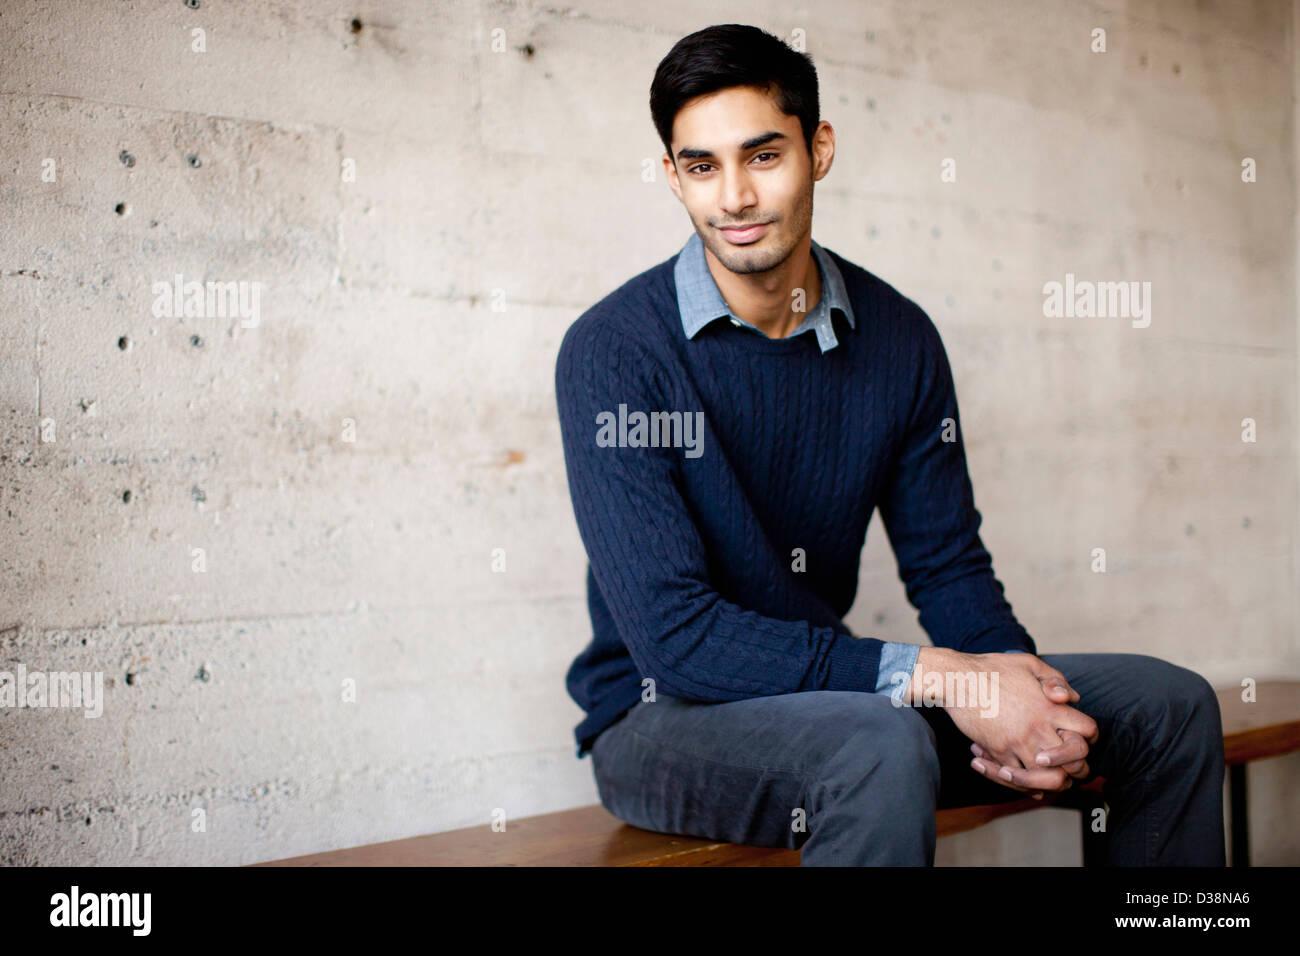 Lächelnder Mann auf Bank sitzend Stockbild